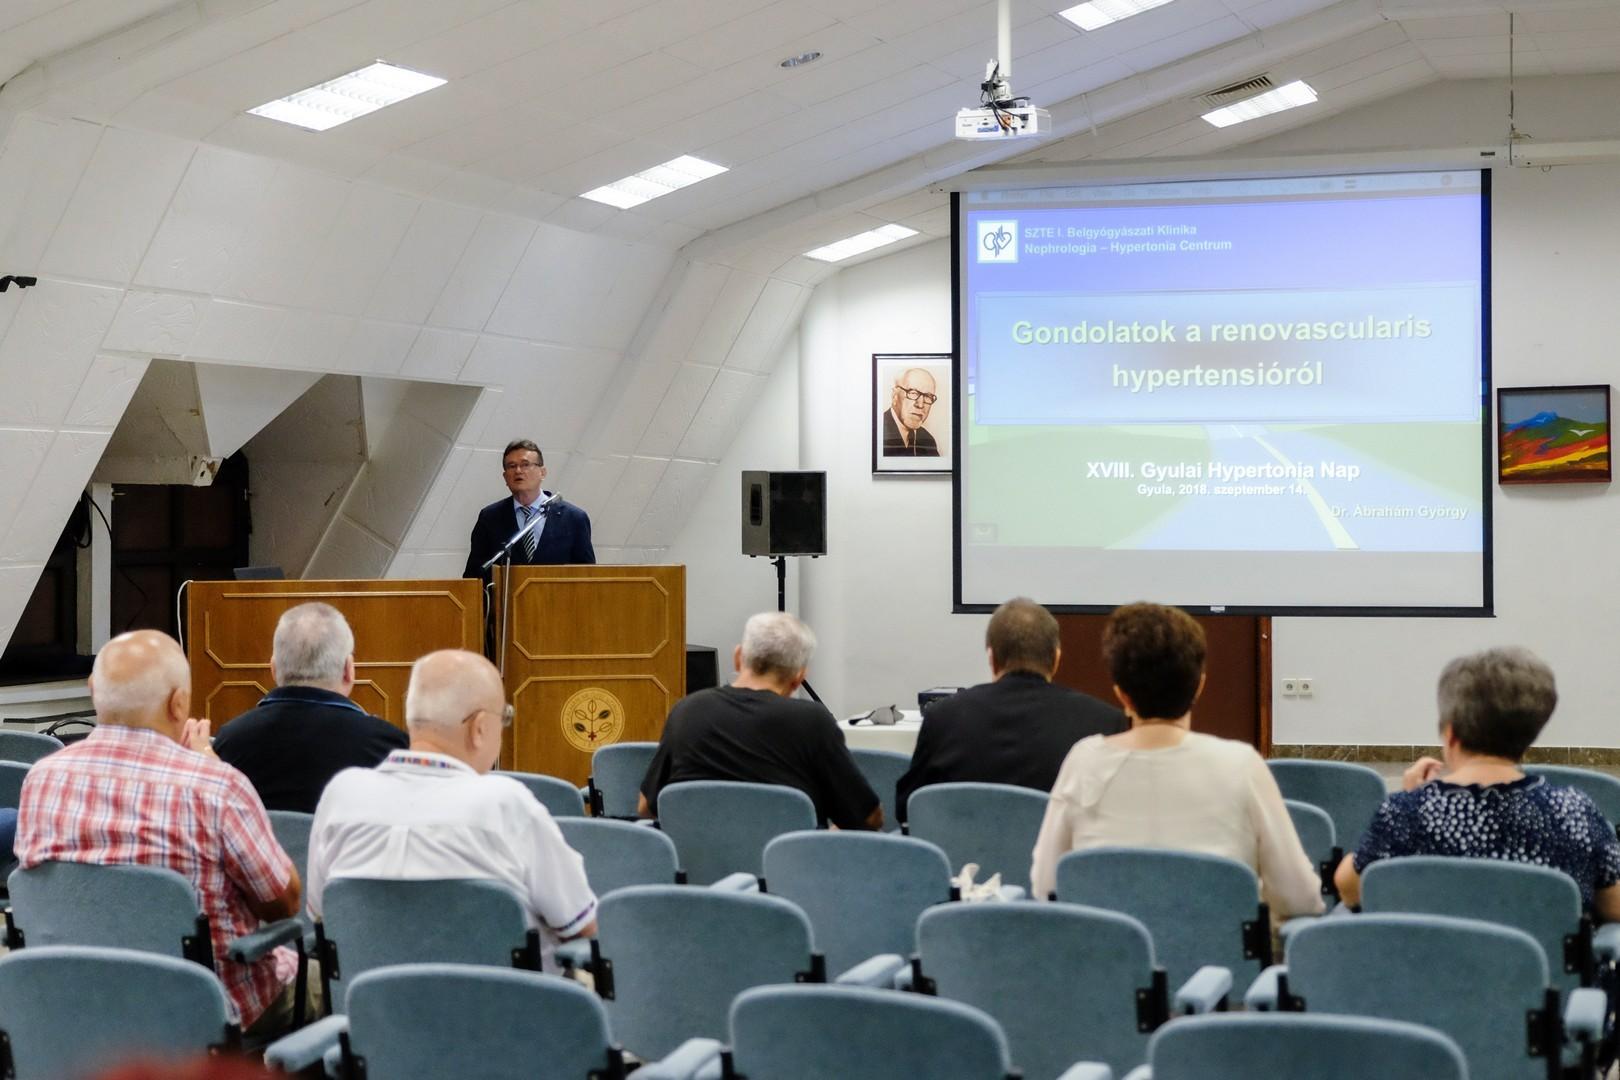 Európai kongresszus a terhességi magas vérnyomásról